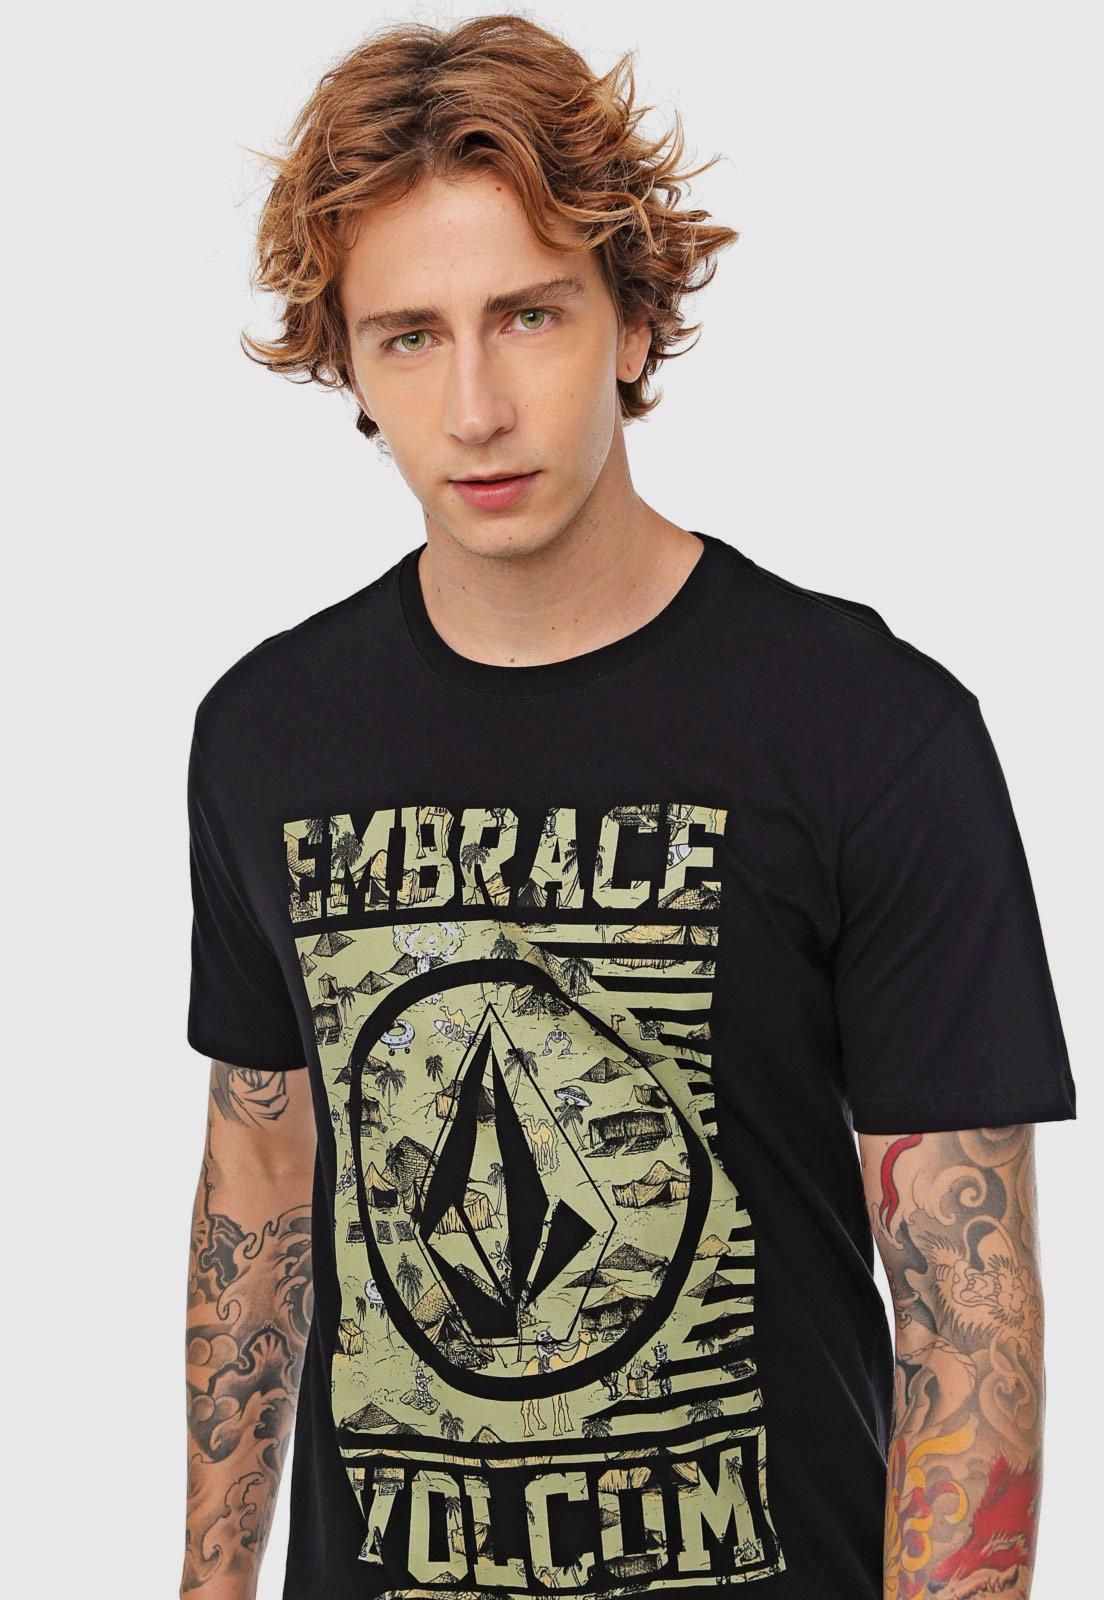 847d7650ec Camisetas top marcas  promo de respeito - Blog Kanui